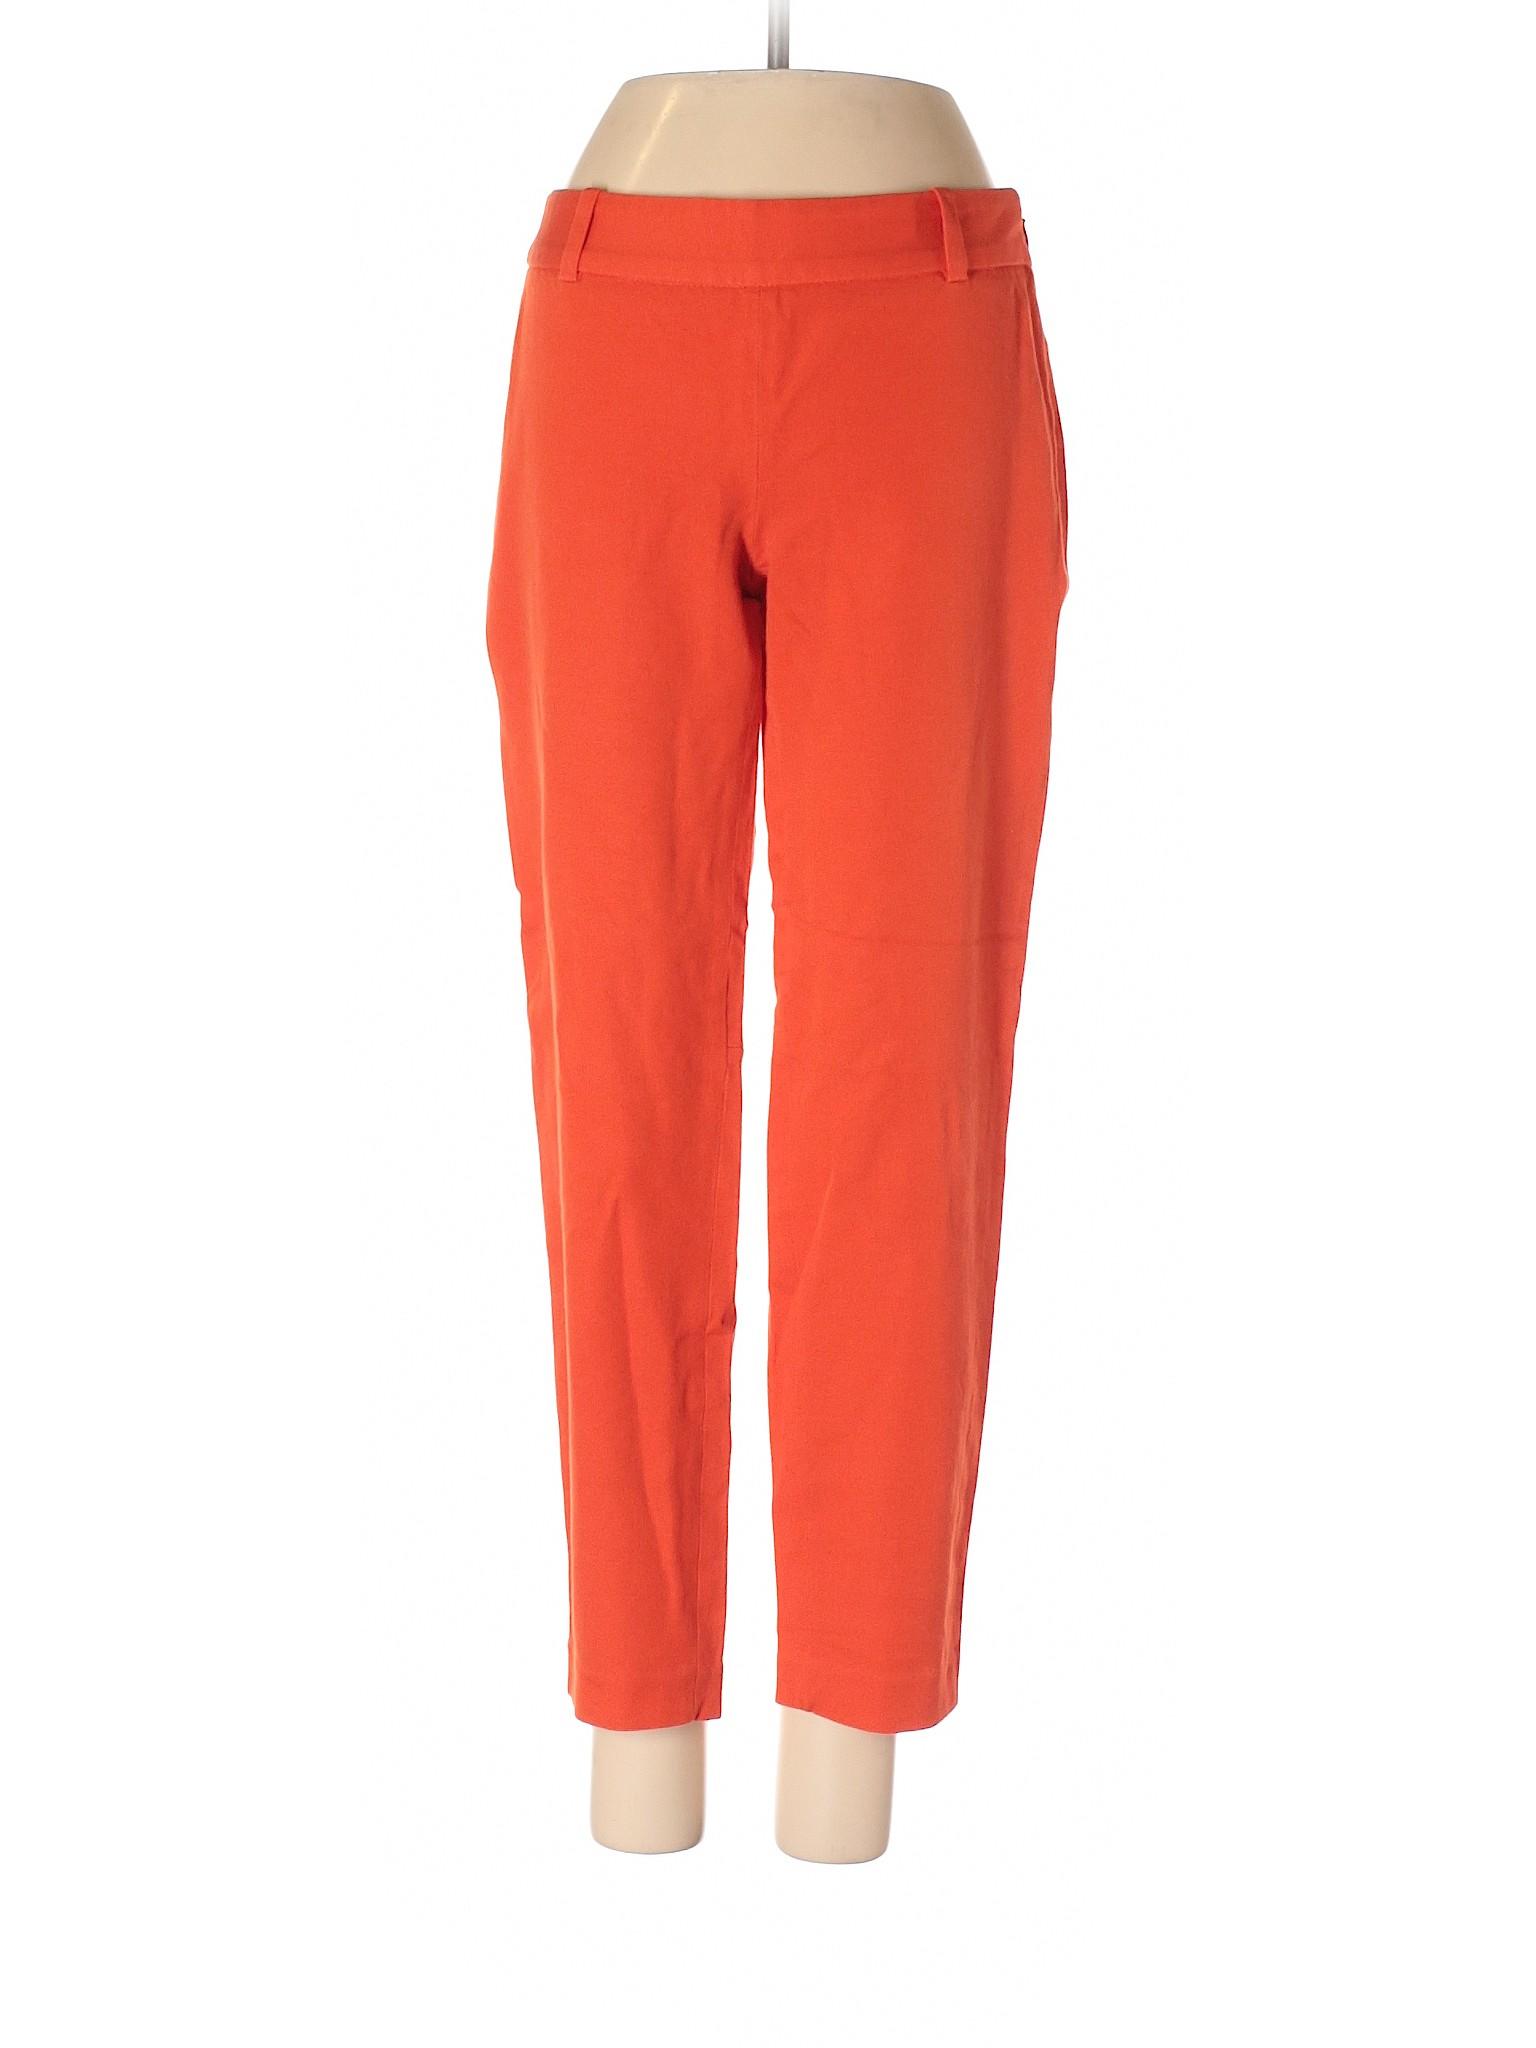 Pants Boutique J Boutique Pants Crew Dress Boutique J Dress Crew TqUfzz